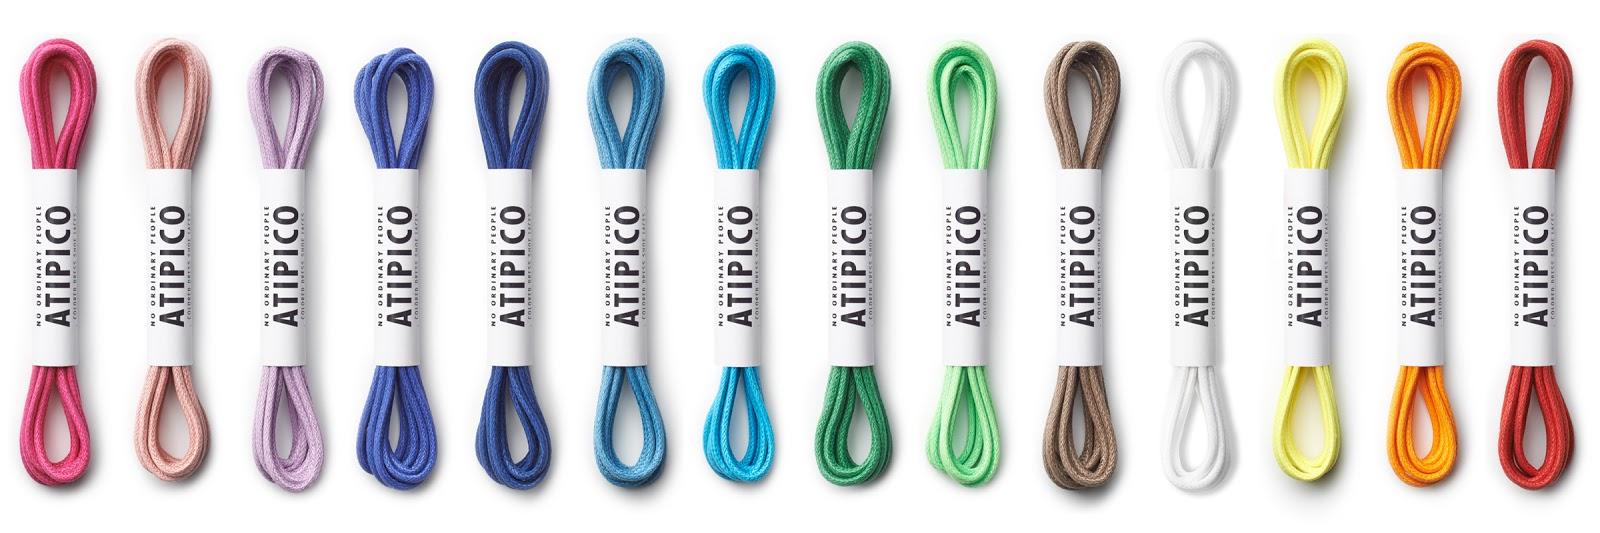 Dress shoe laces colors